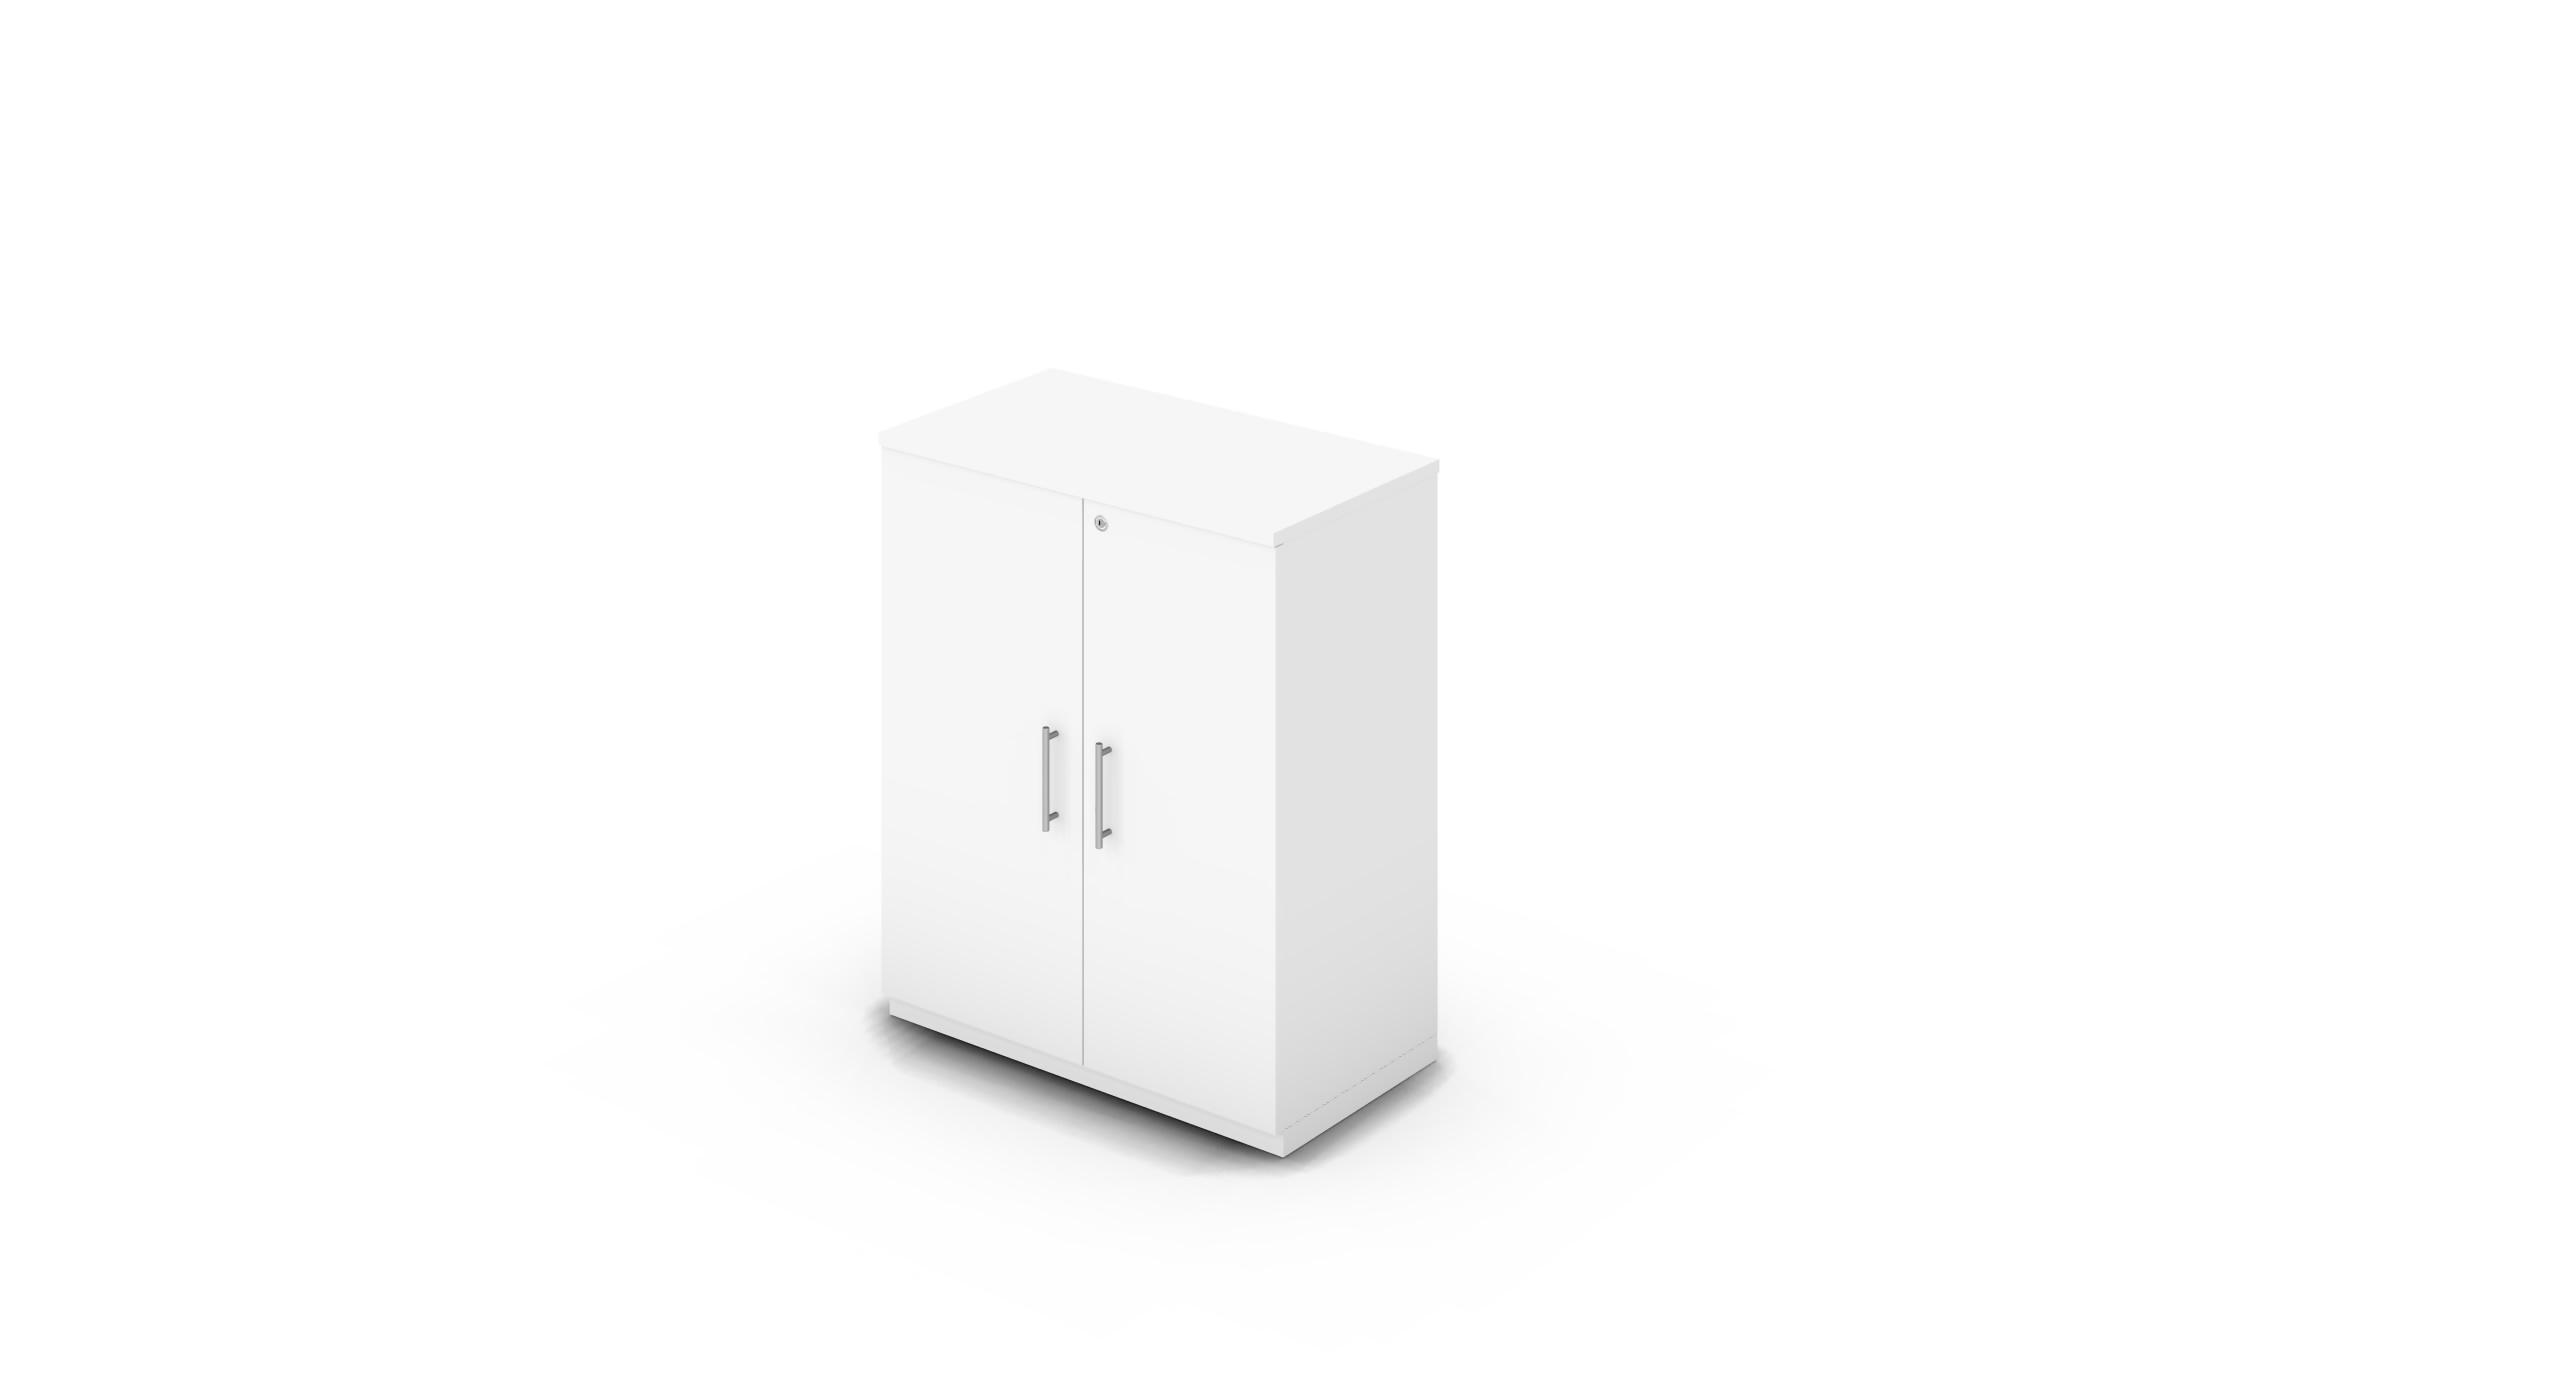 Cabinet_800x450x1125_HD_White_Bar_Round_WithCylinder